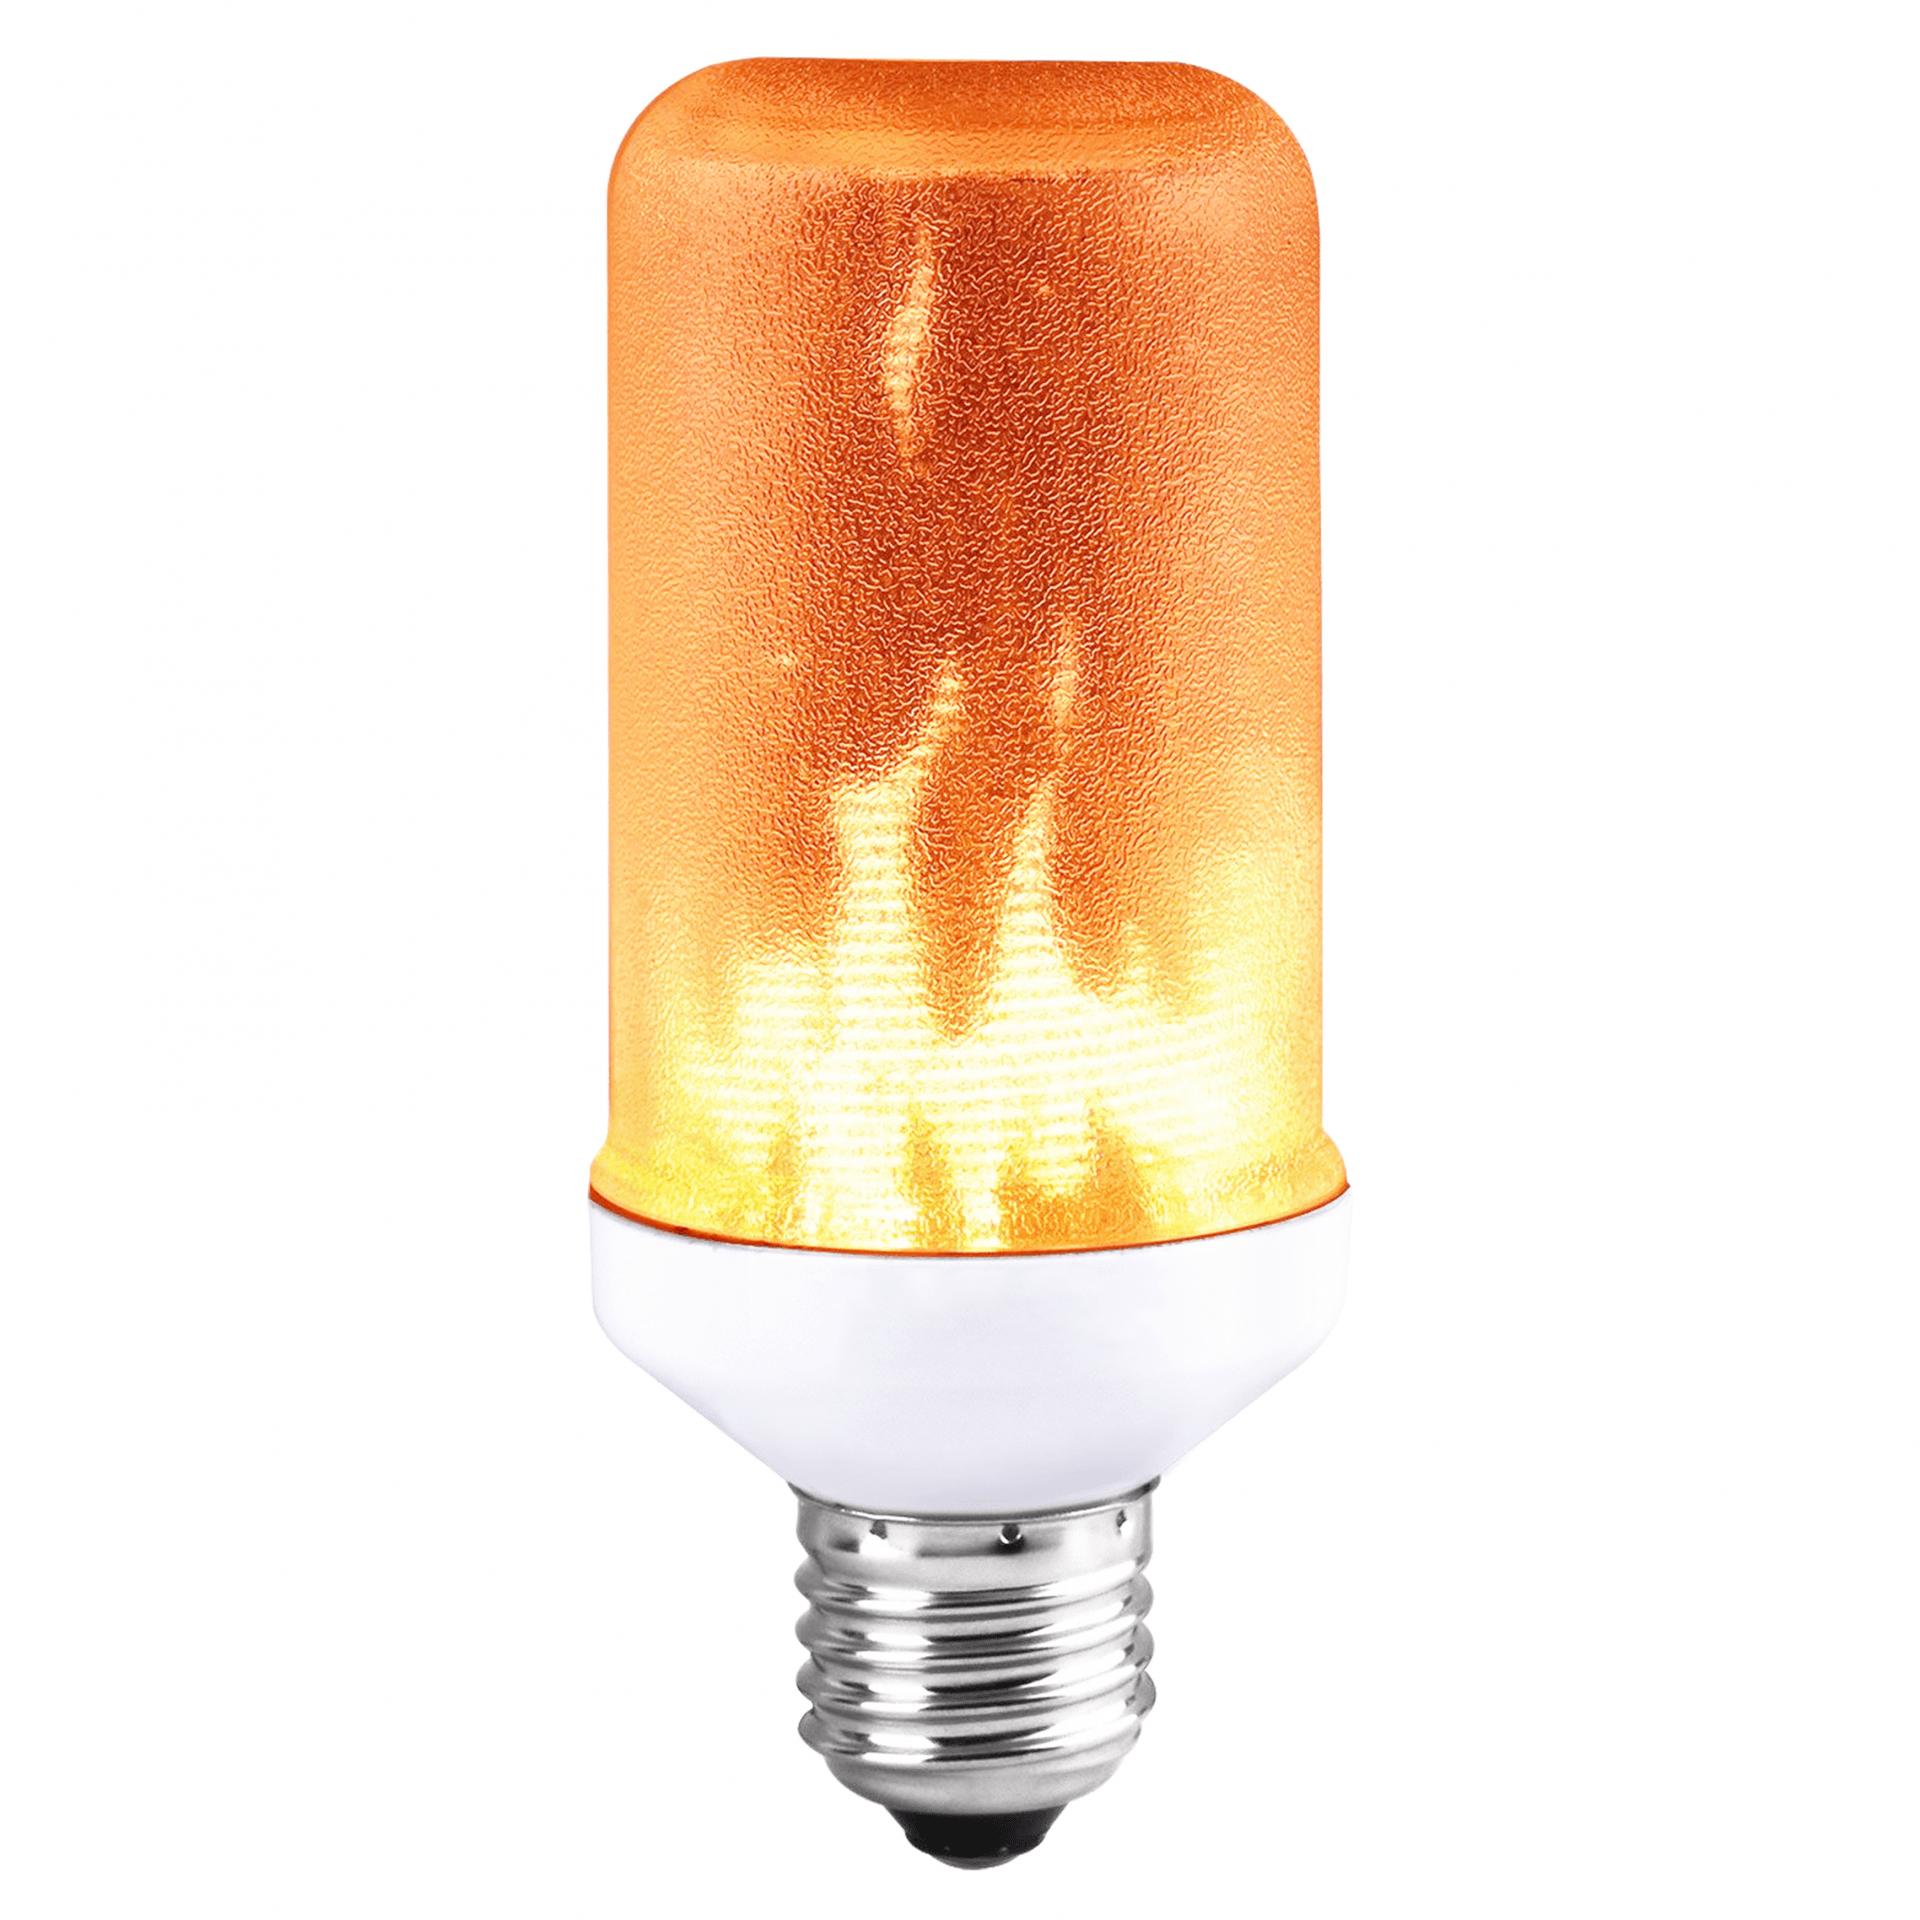 led-flame-lamp-e27-3-watt-bewegend-vuureffect